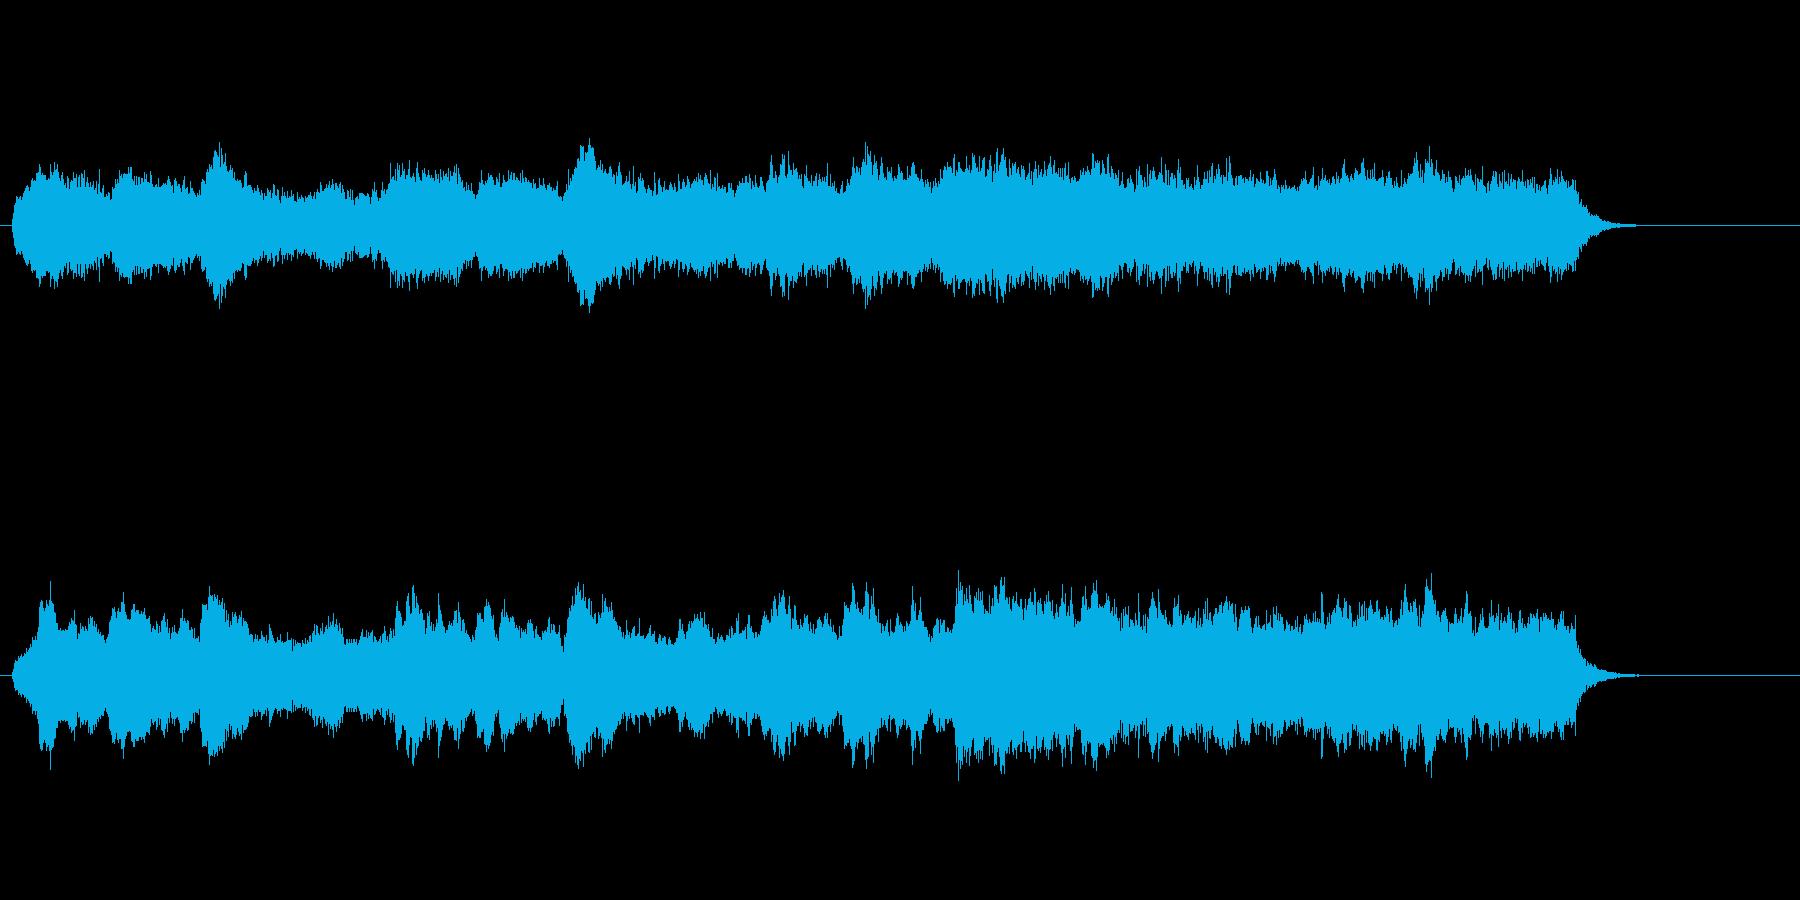 涼しげなイージー・リスニング風の曲の再生済みの波形